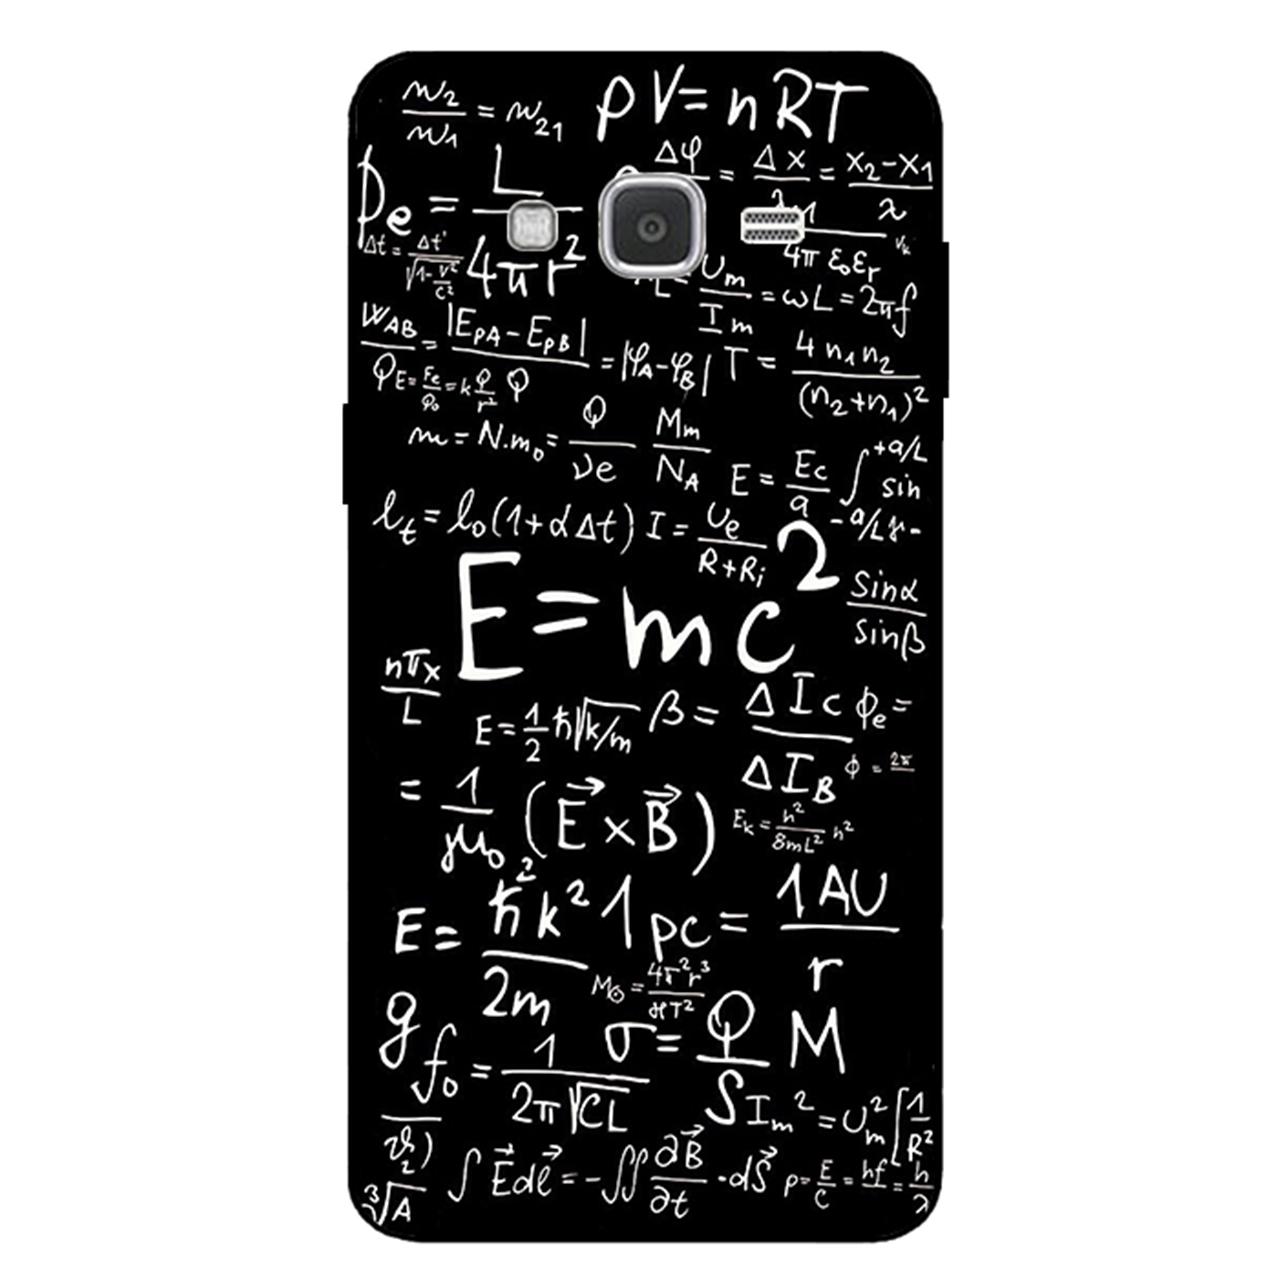 کاور کی اچ مدل 6297 مناسب برای گوشی موبایل سامسونگ گلکسی  J5 2015